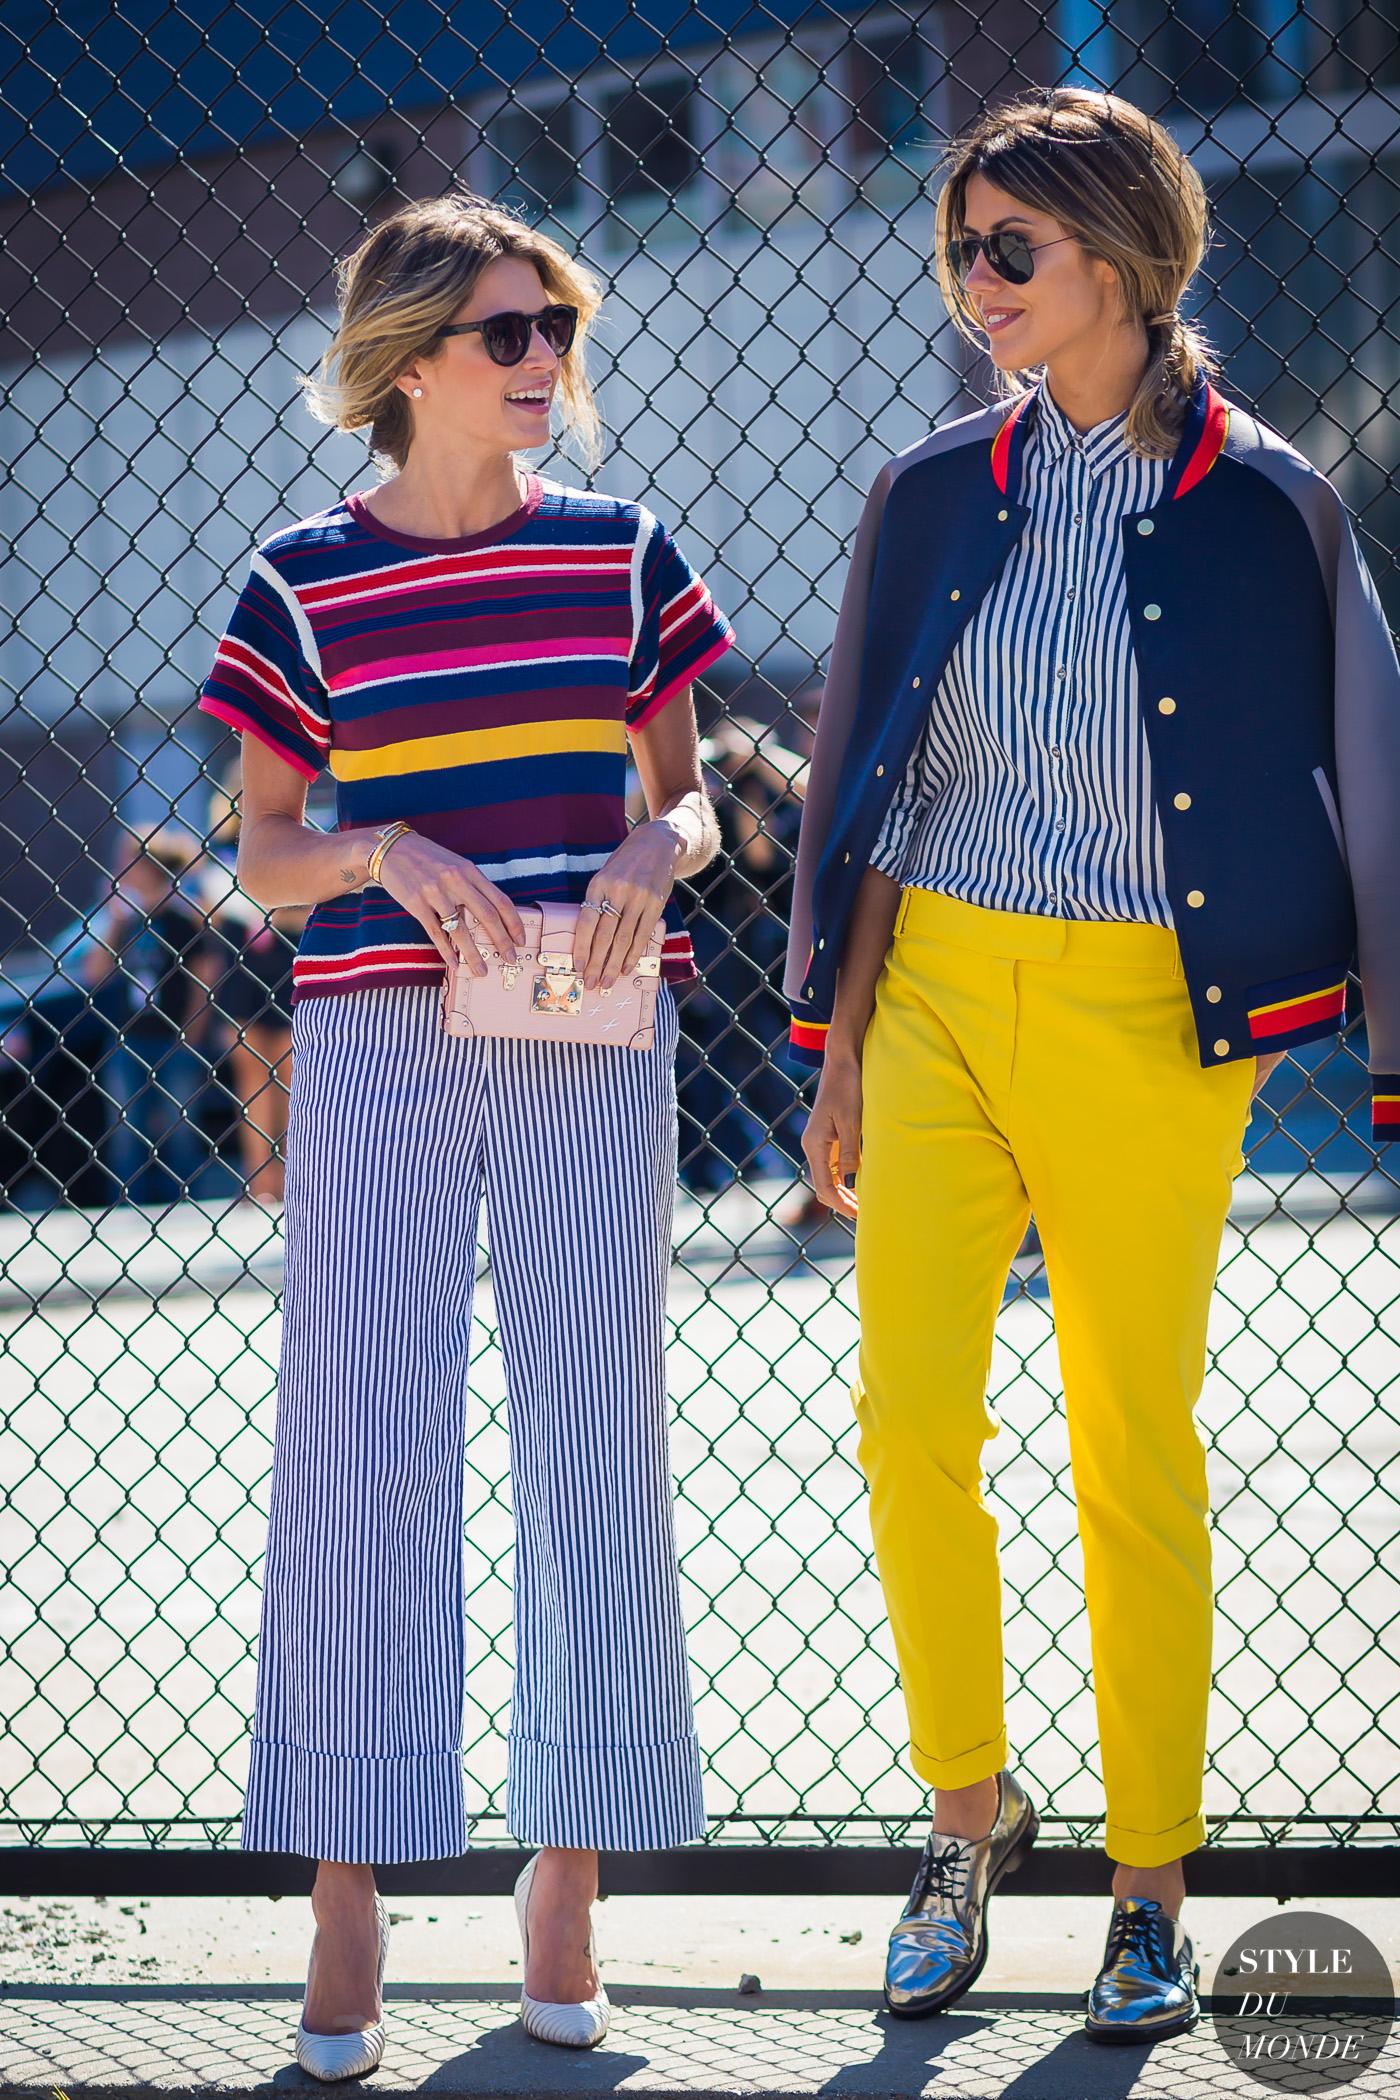 hai cô gái mặc đẹp quần áo đủ màu khác nhau style du monde